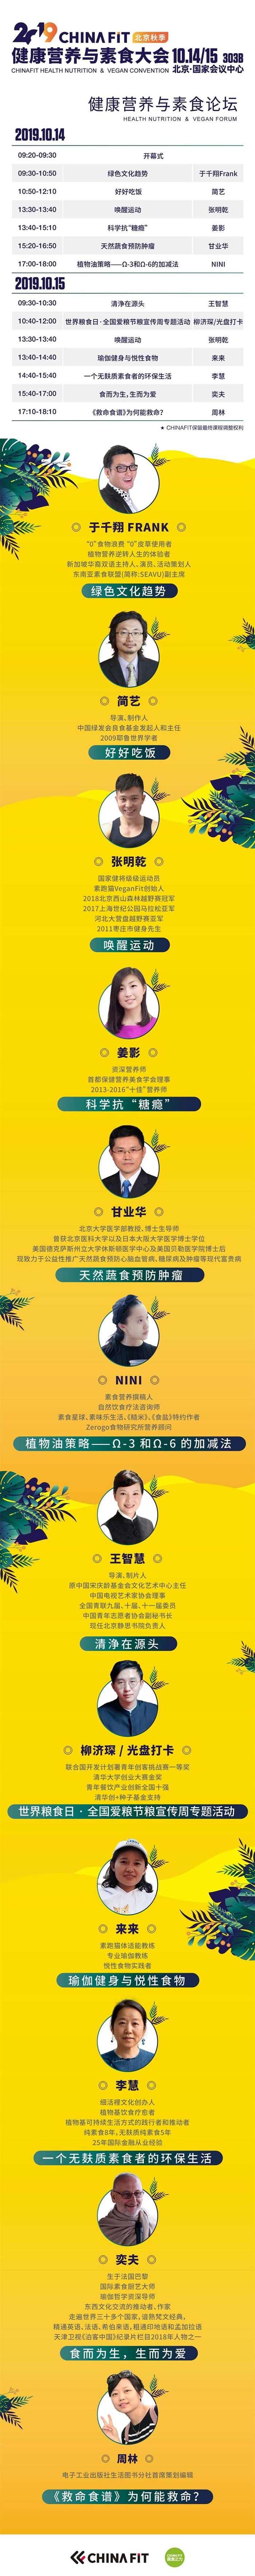 北京秋微信導師整體圖.jpg